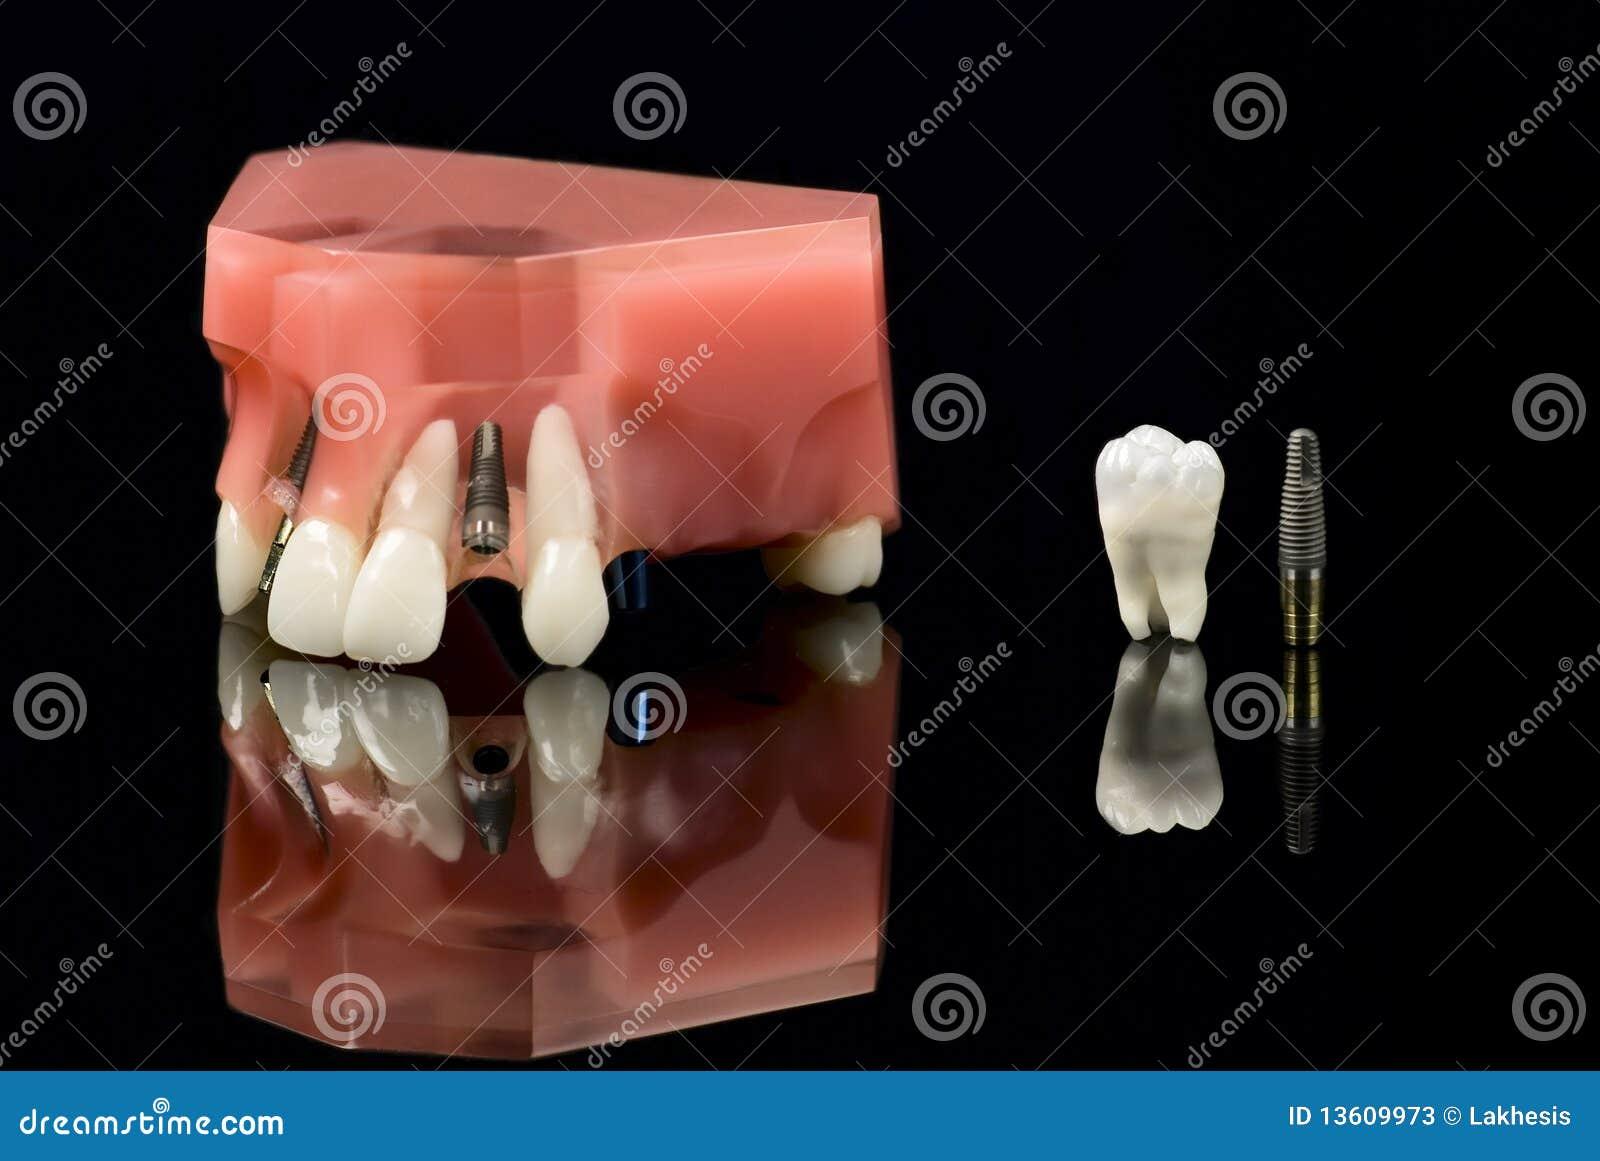 Wszczepu wzorcowa zębów zębu mądrość